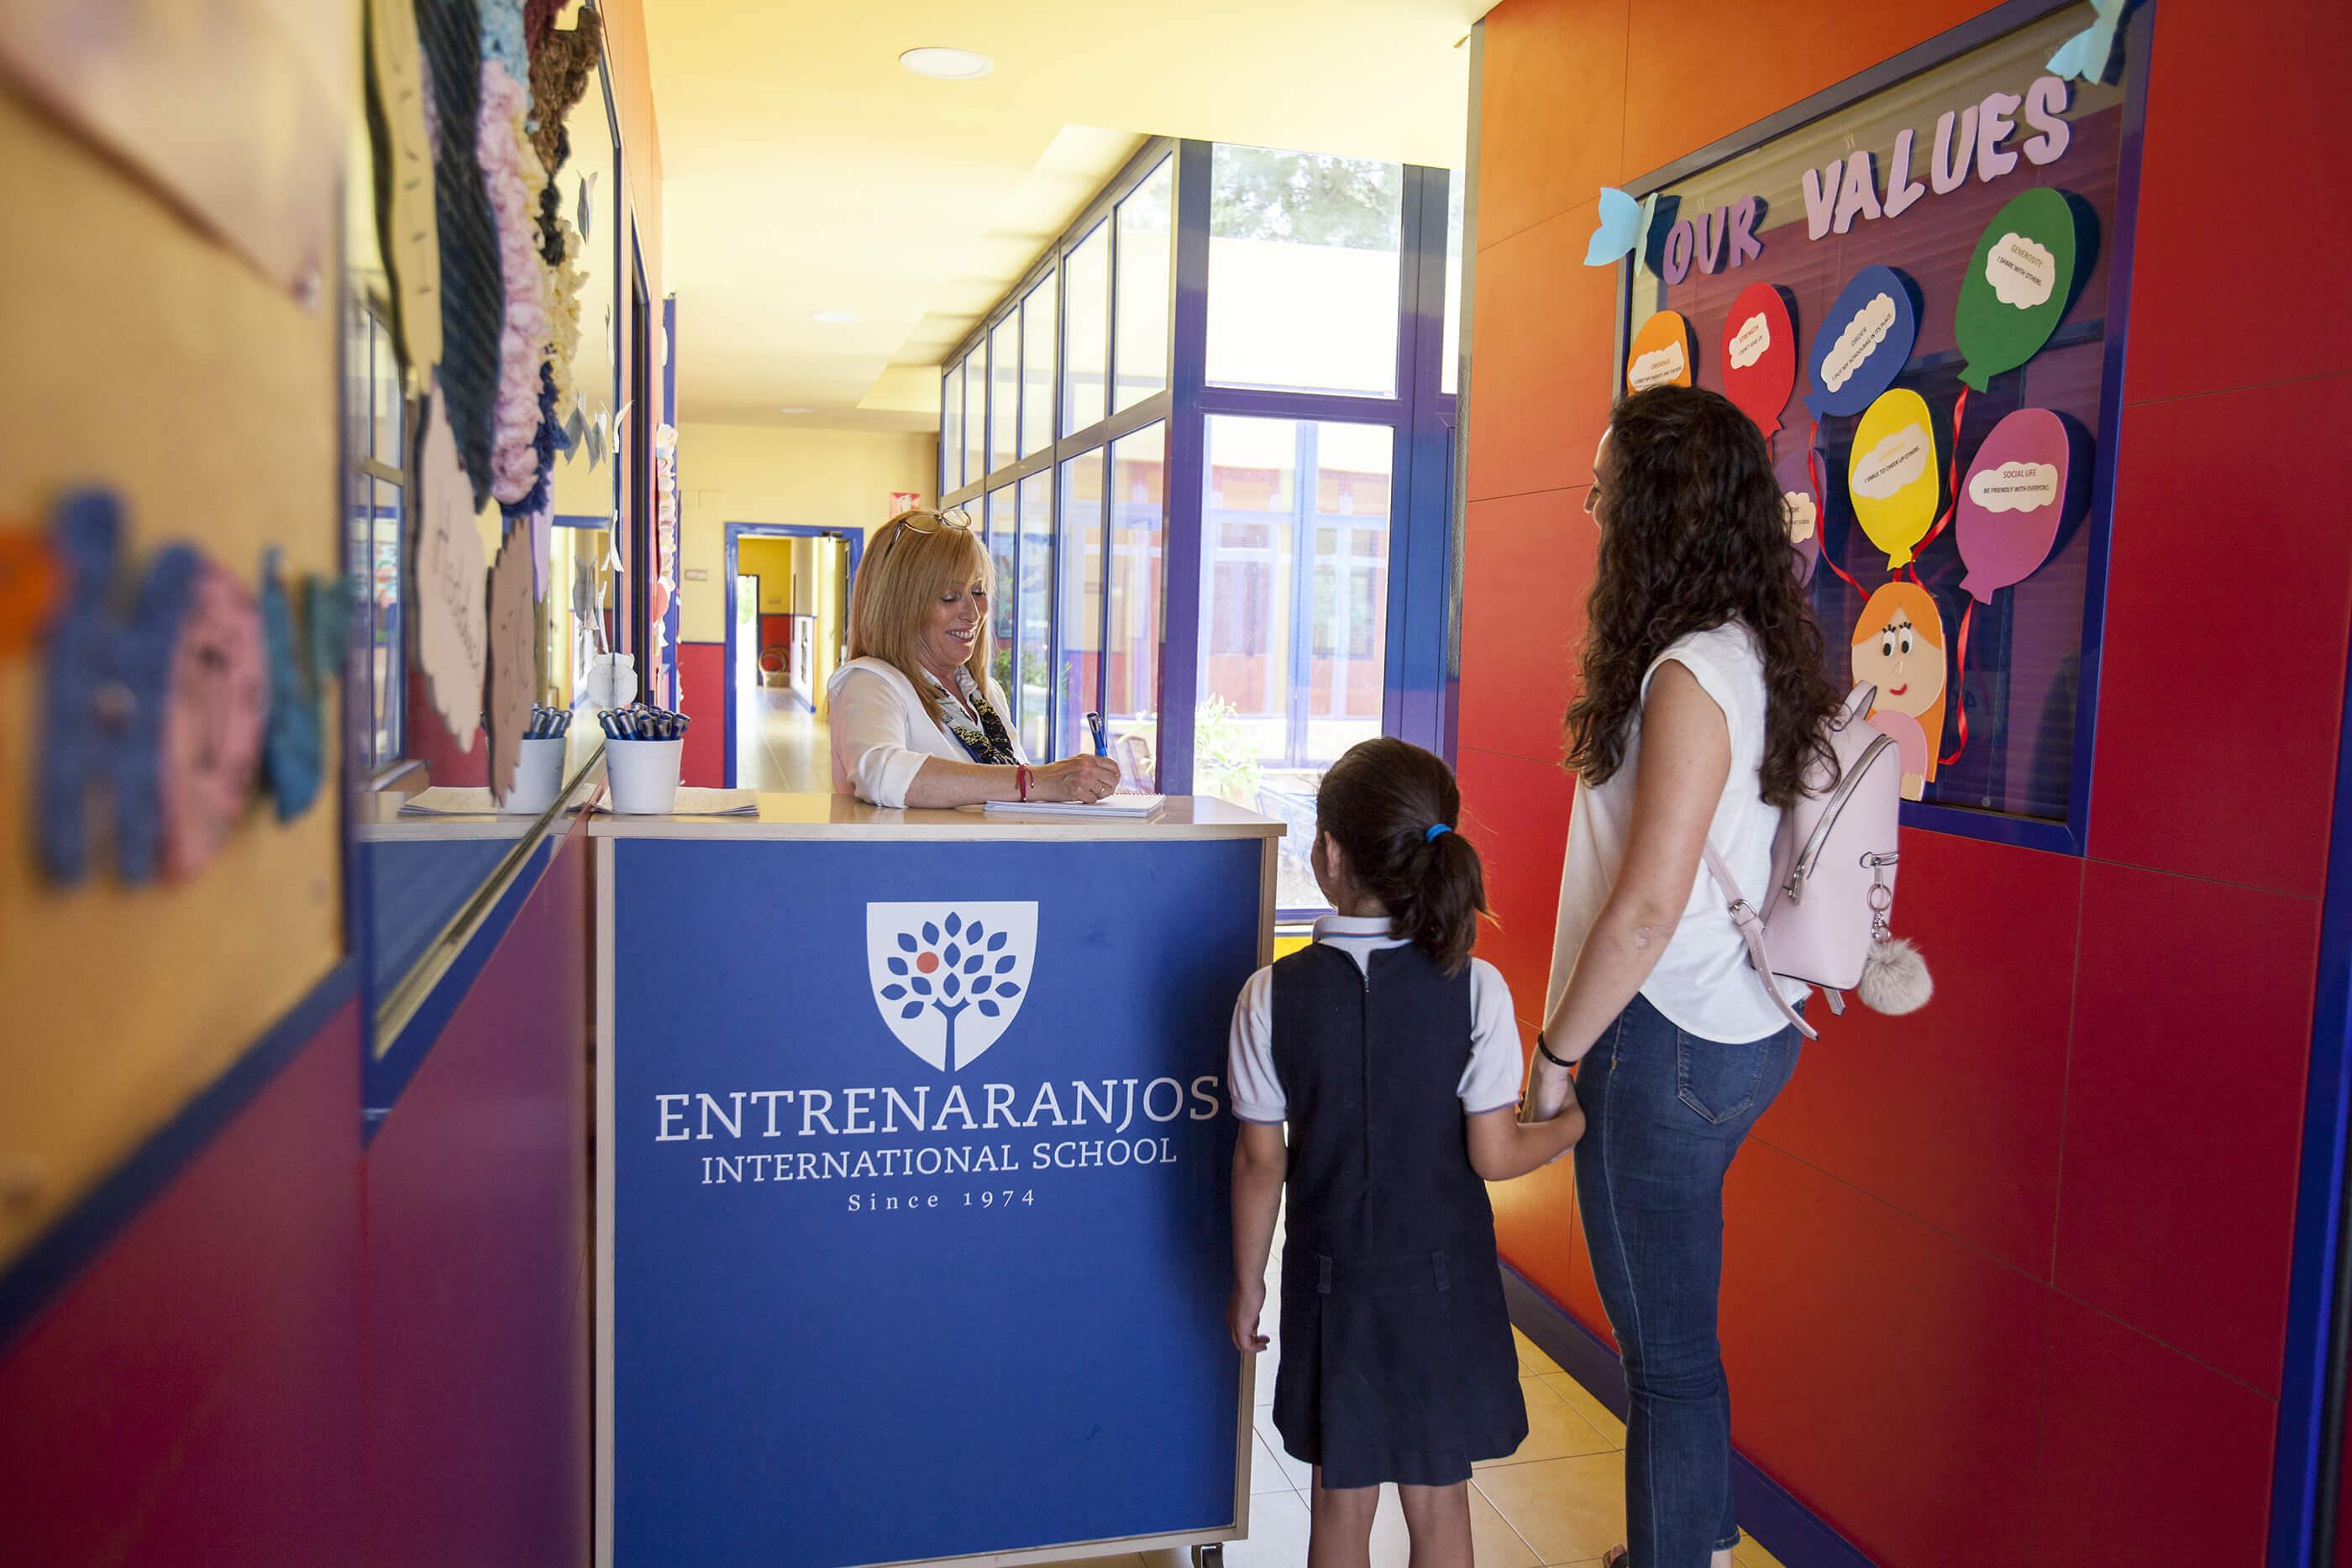 entrada del colegio entrenaranjos international school